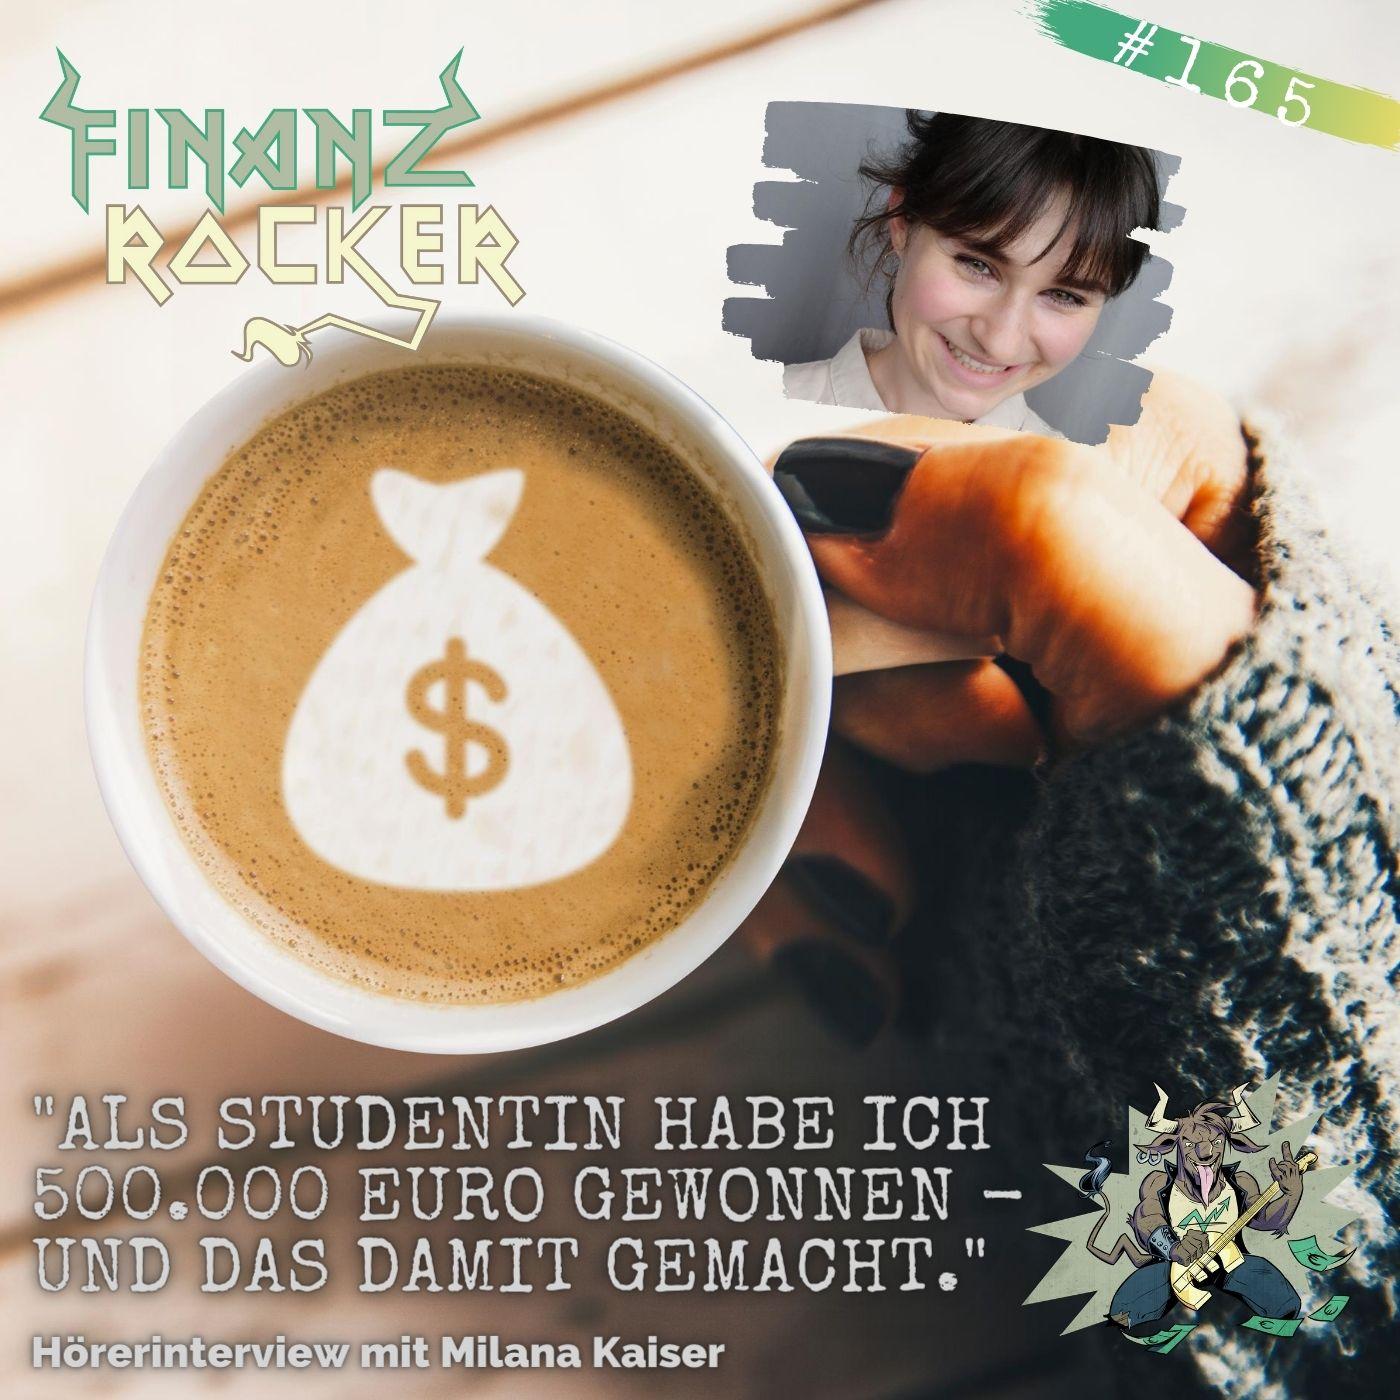 """Folge 165: """"Als Studentin habe ich 500.000 € gewonnen - und das damit gemacht."""" - Hörerinterview mit Milana Kaiser"""